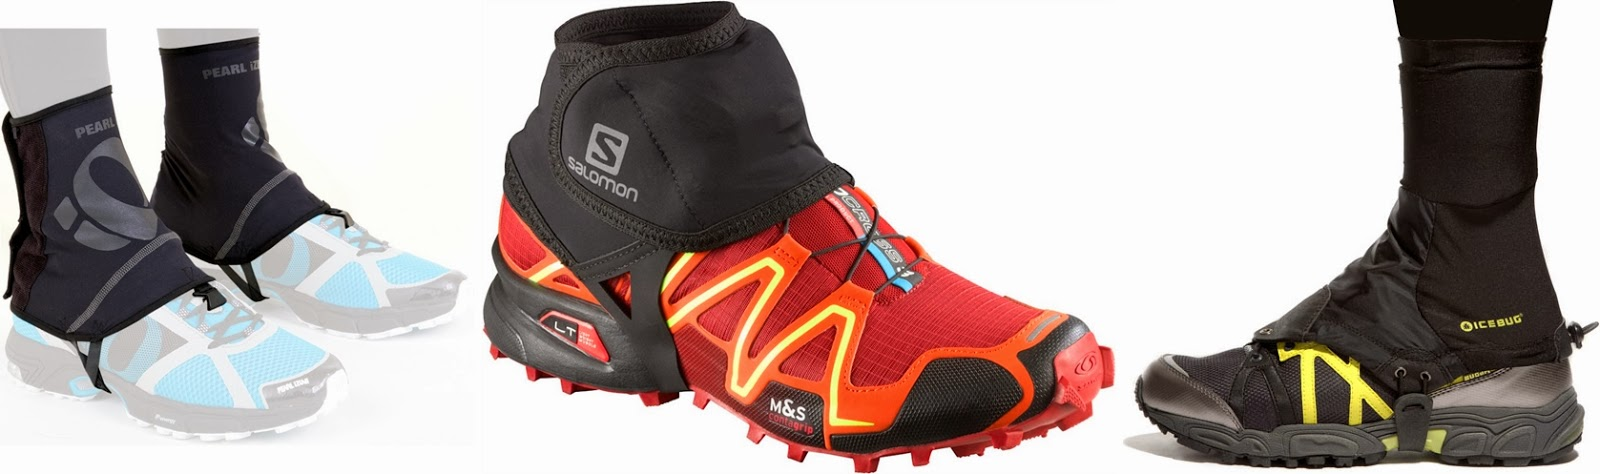 Návleky jsou určeny k ochraně boty (a chodidla) v terénu i na asfaltu.  Zamezují vniku sněhu f26a842d0b